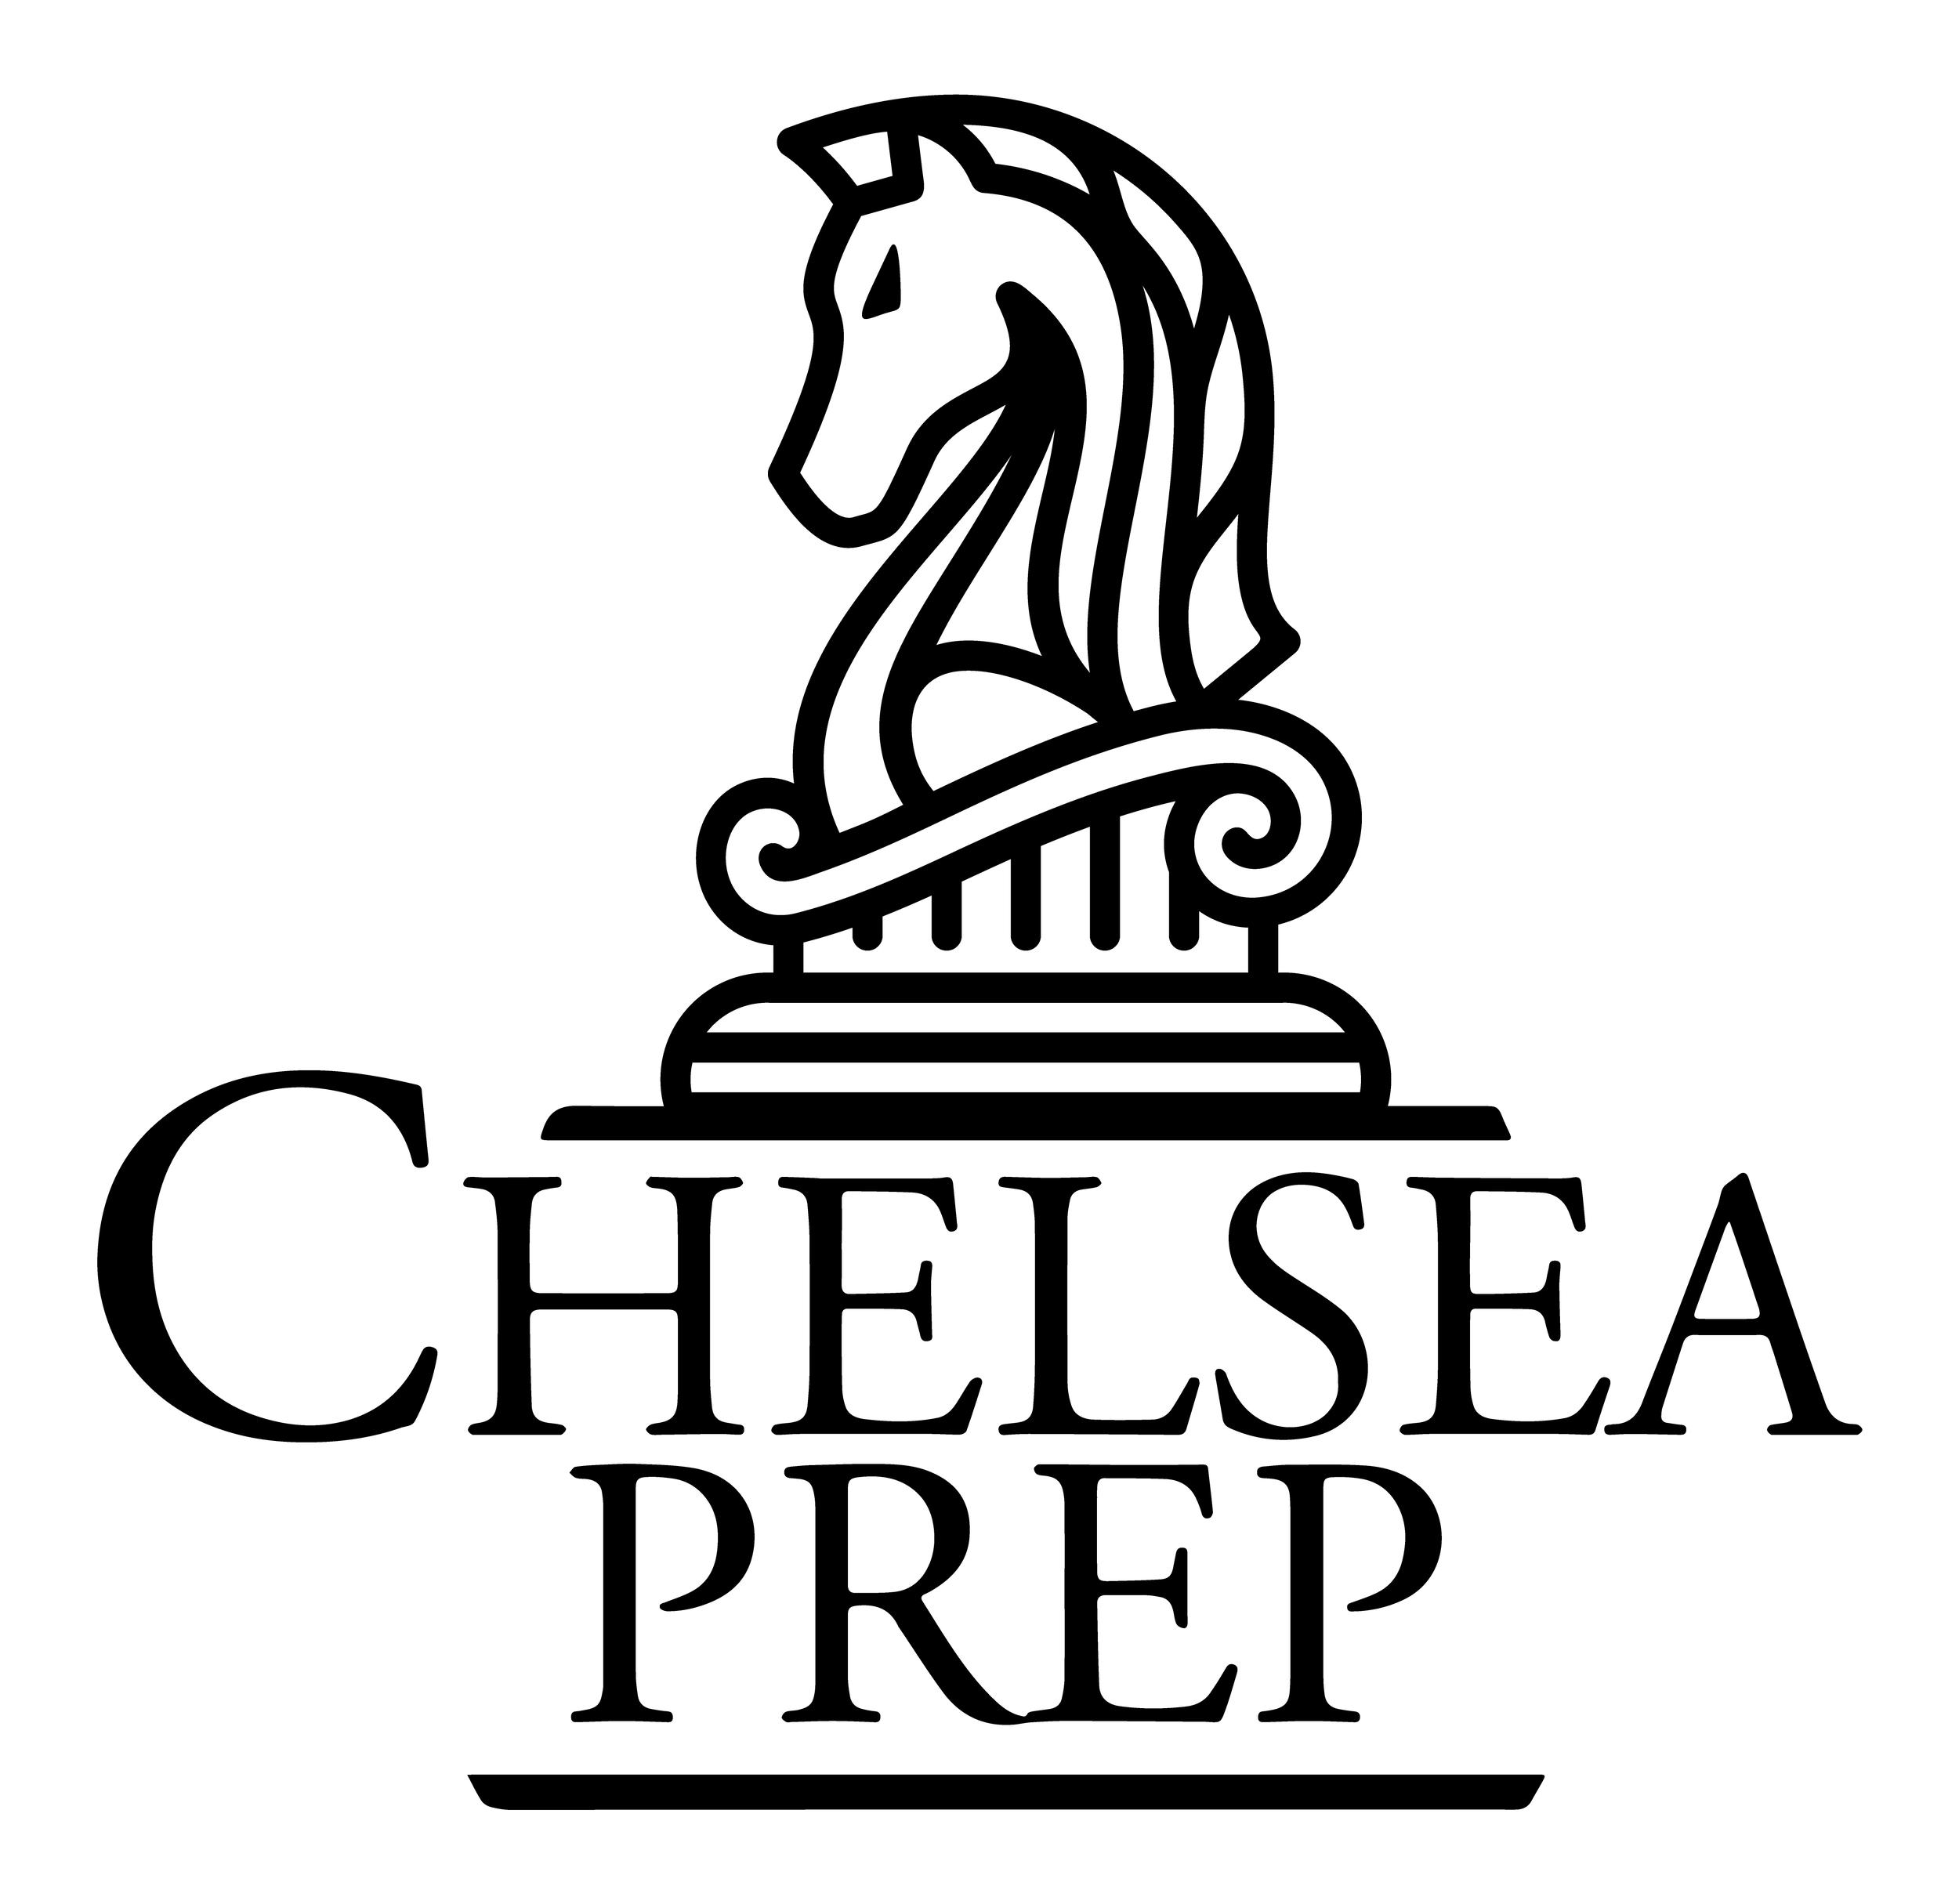 Chelsea-Prep-Logo-BG.png